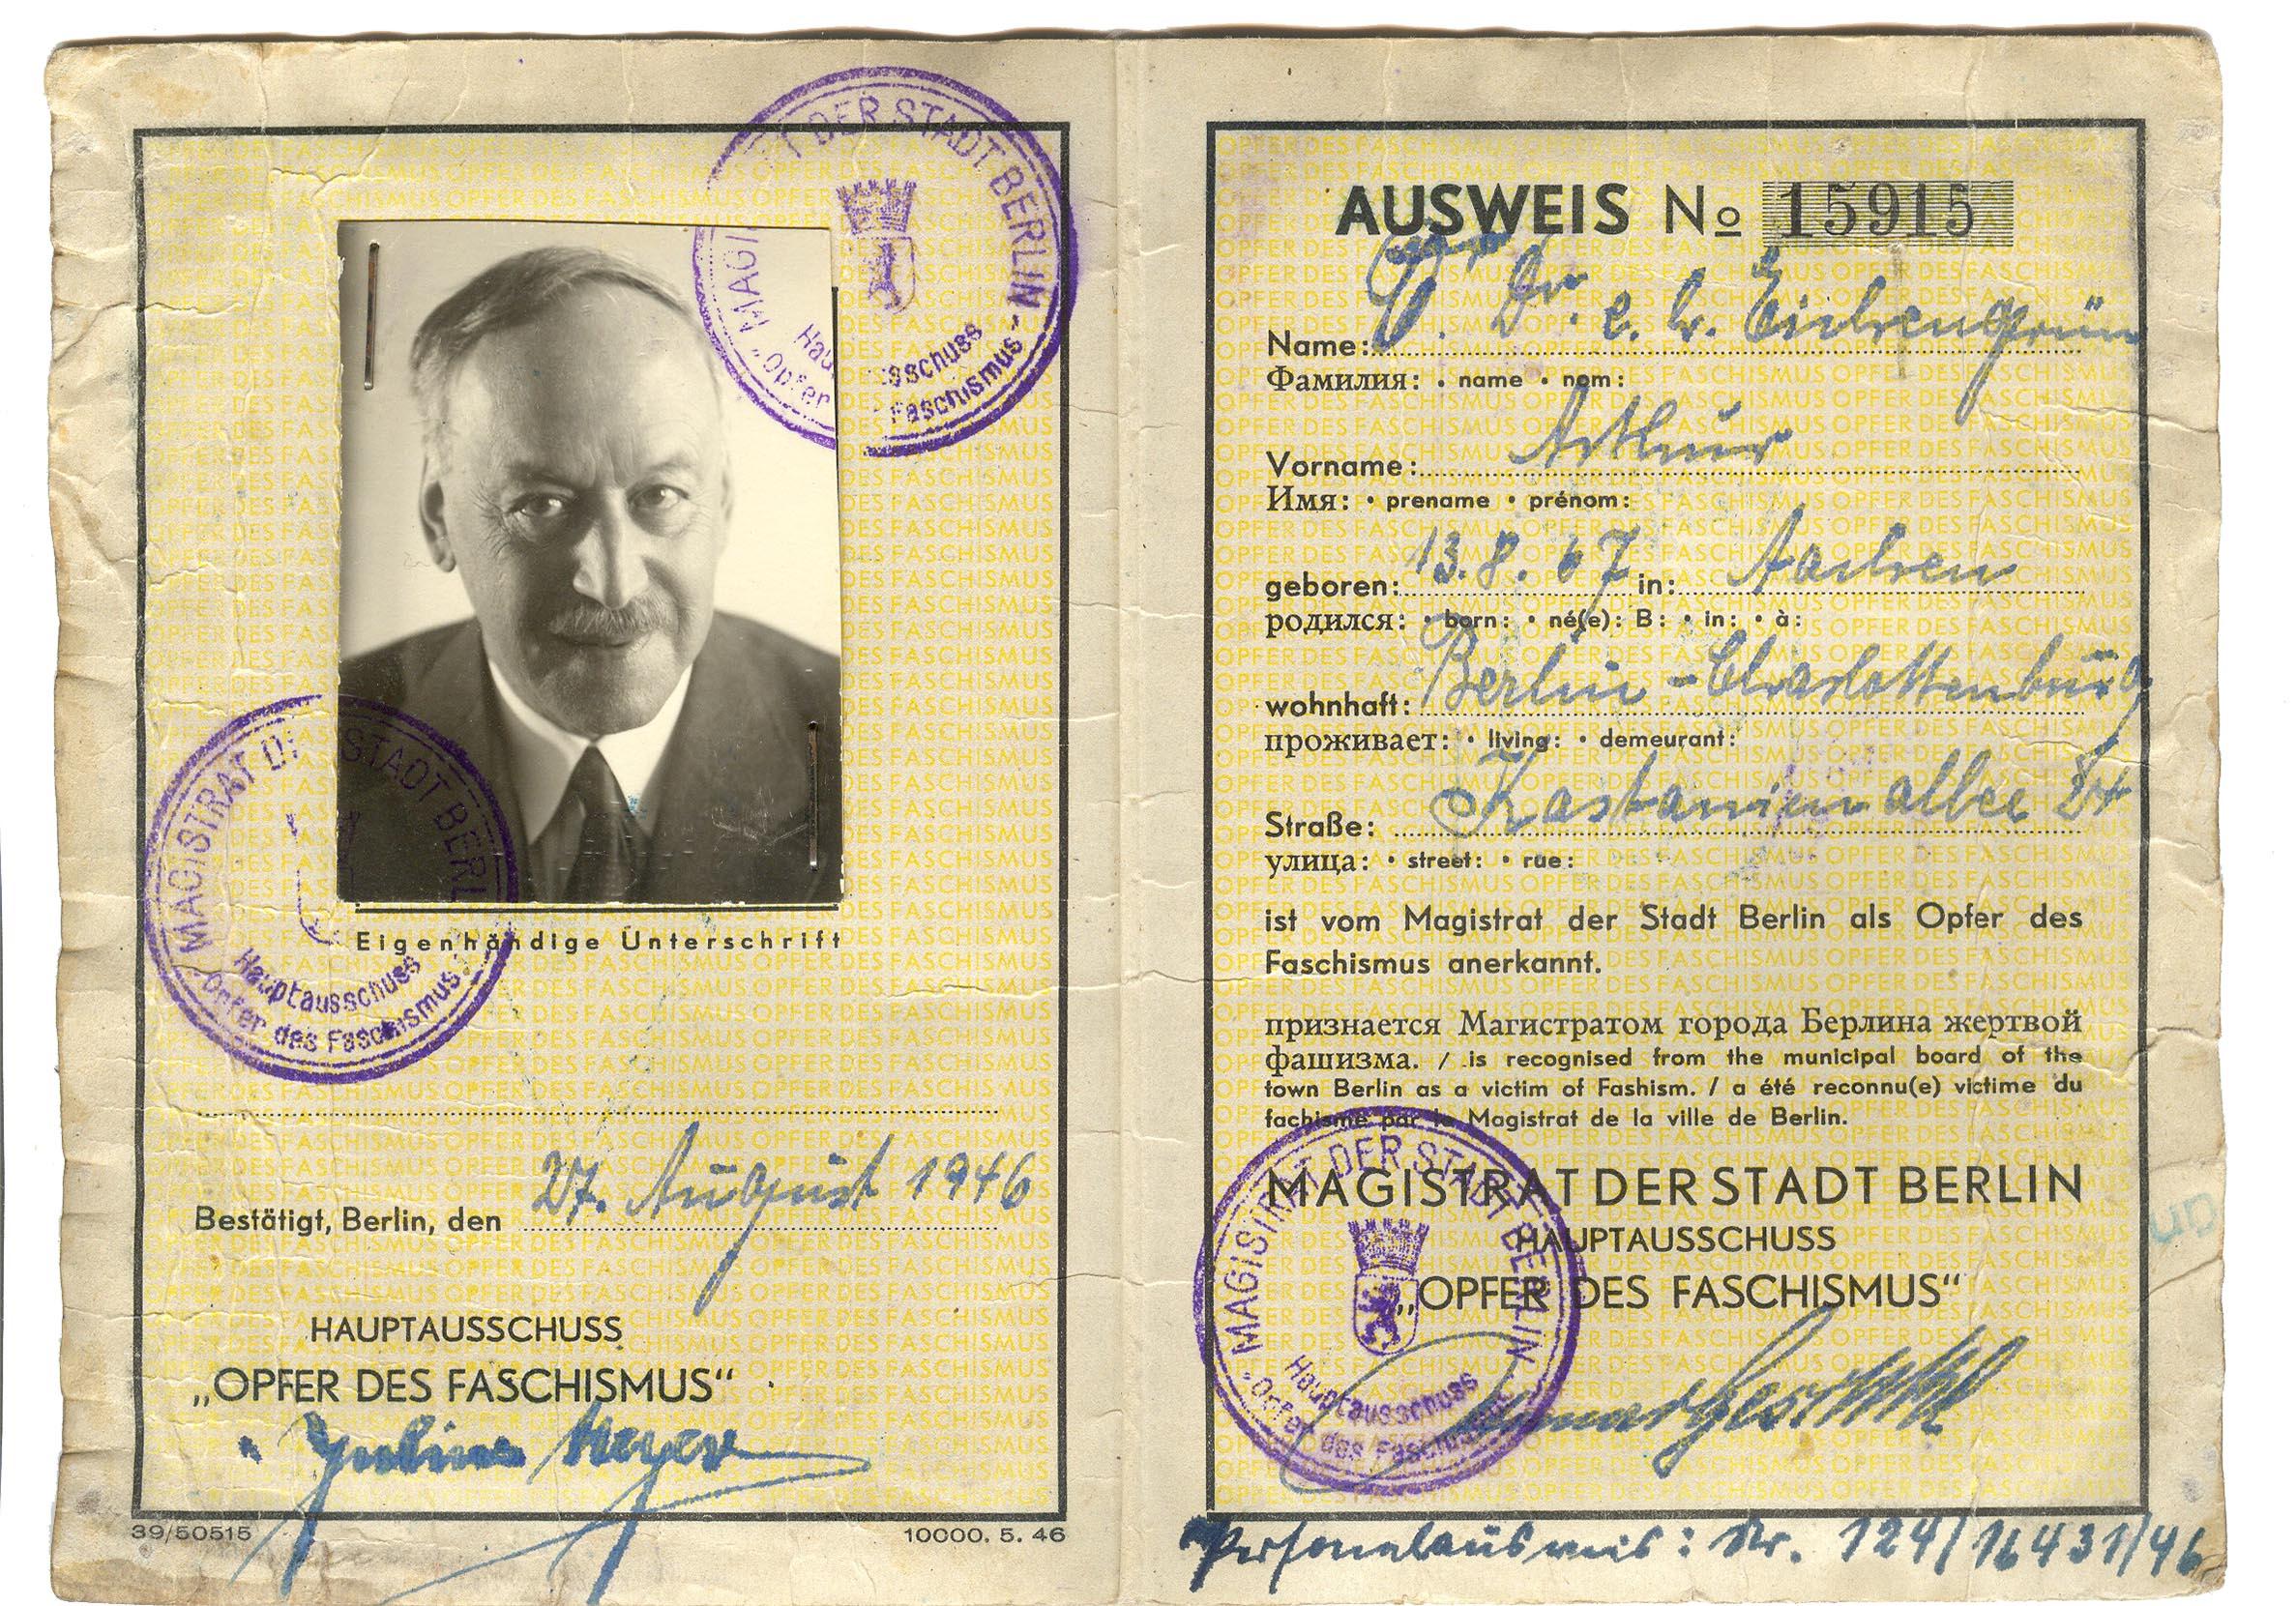 """Ausweis von Dr. Arthur Eichengrün als """"Opfer des Faschismus"""", ausgestellt vom Magistrat der Stadt Berlin 1946. Foto: Ulrich Chaussy"""